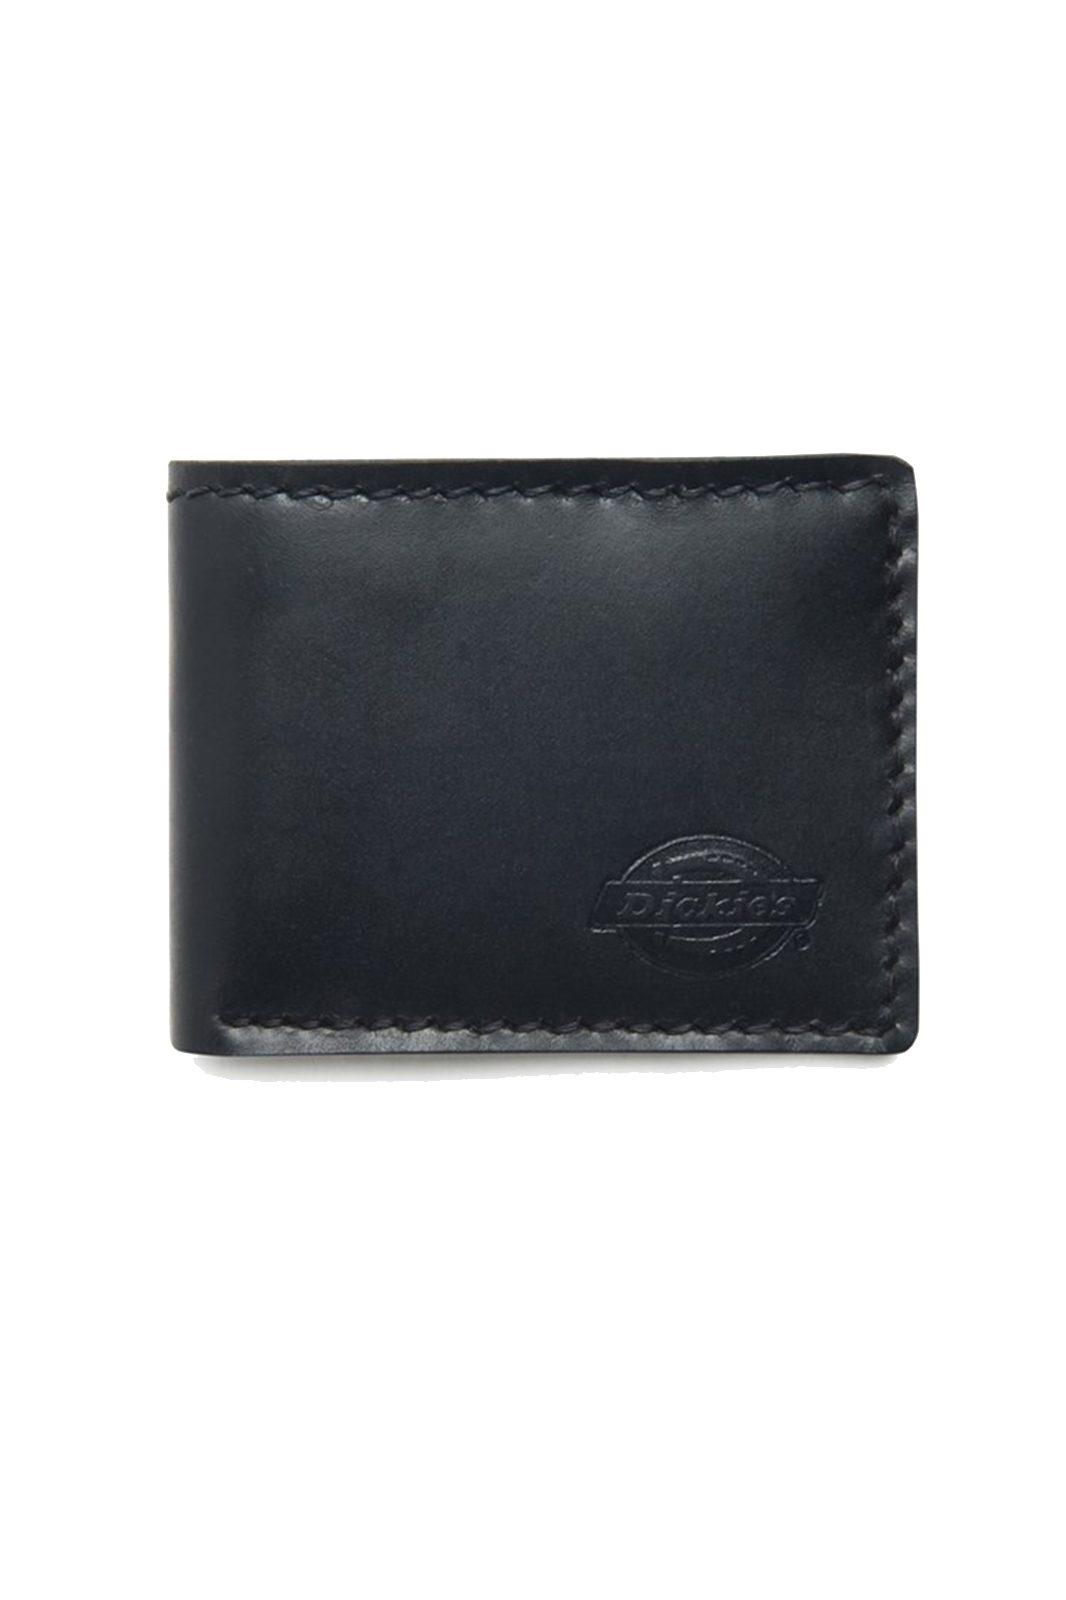 Coeburn Wallet